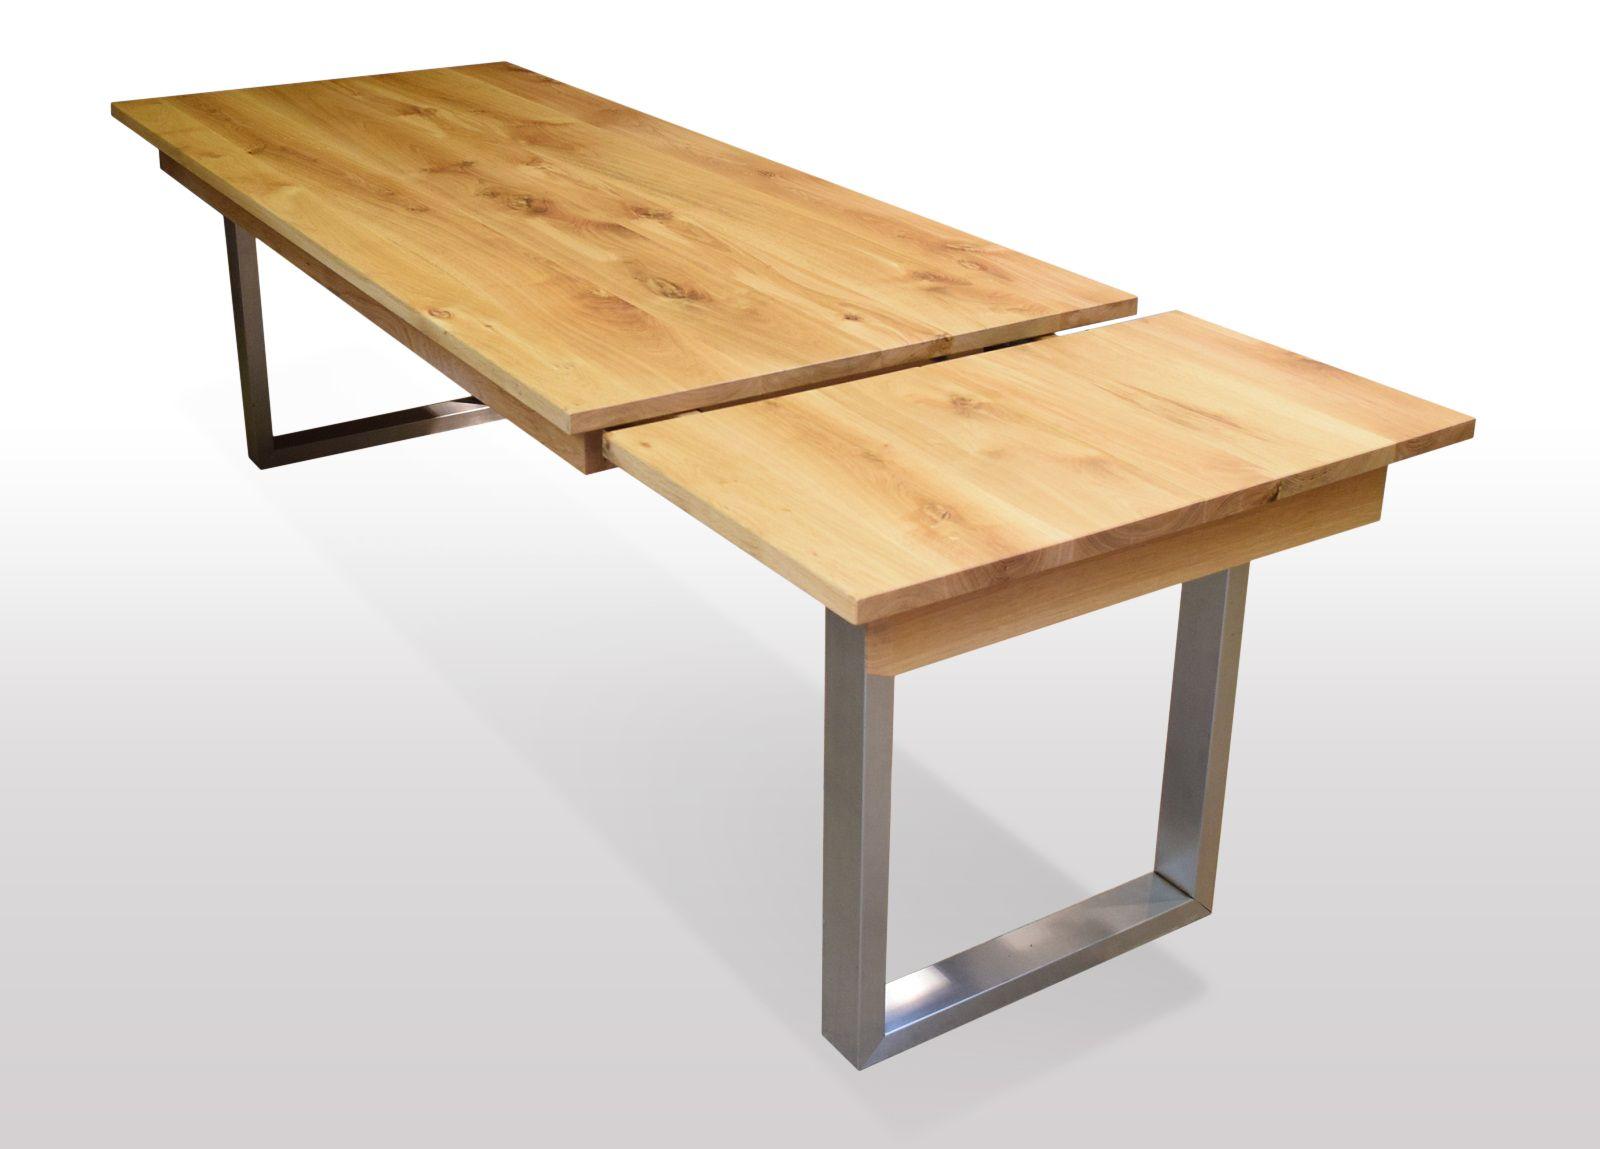 Tisch Wildeiche Massiv Breite 80cm Lange Wahlbar In 2020 Wildeiche Massiv Esstisch Wildeiche Massiv Tisch Eiche Massiv